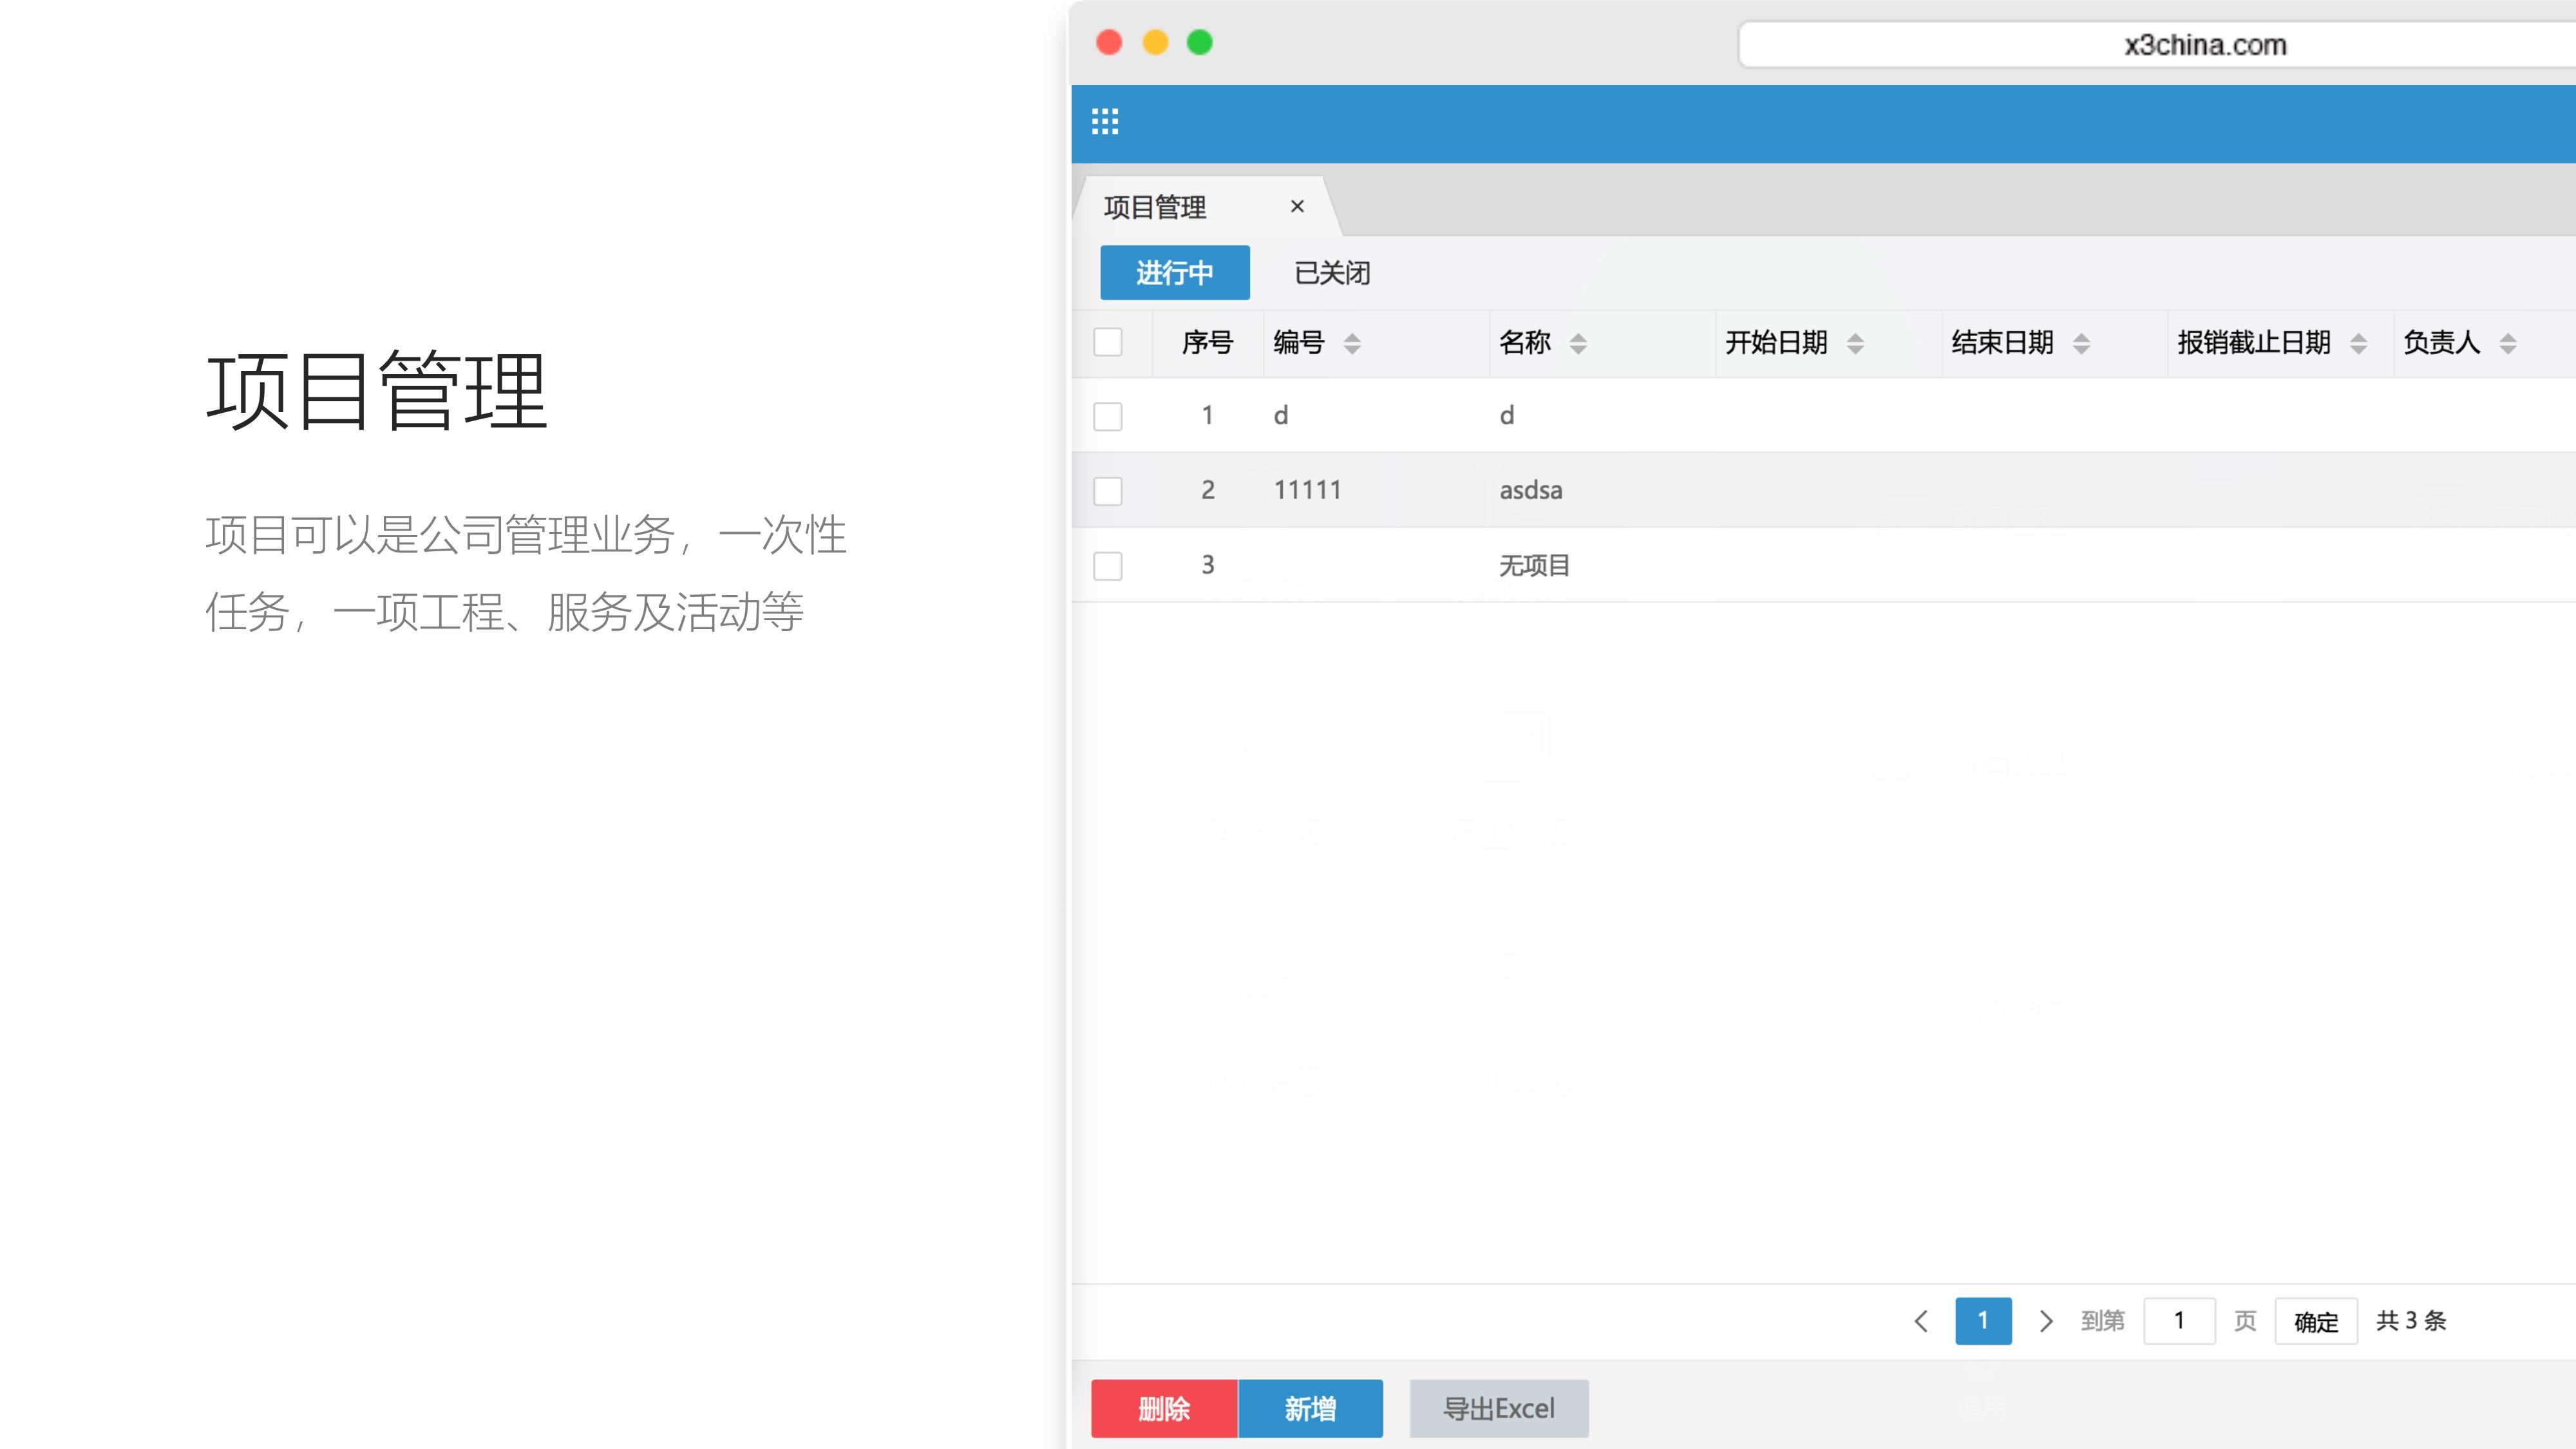 011809350146_0兴元财务管理报销软件_16.Jpeg